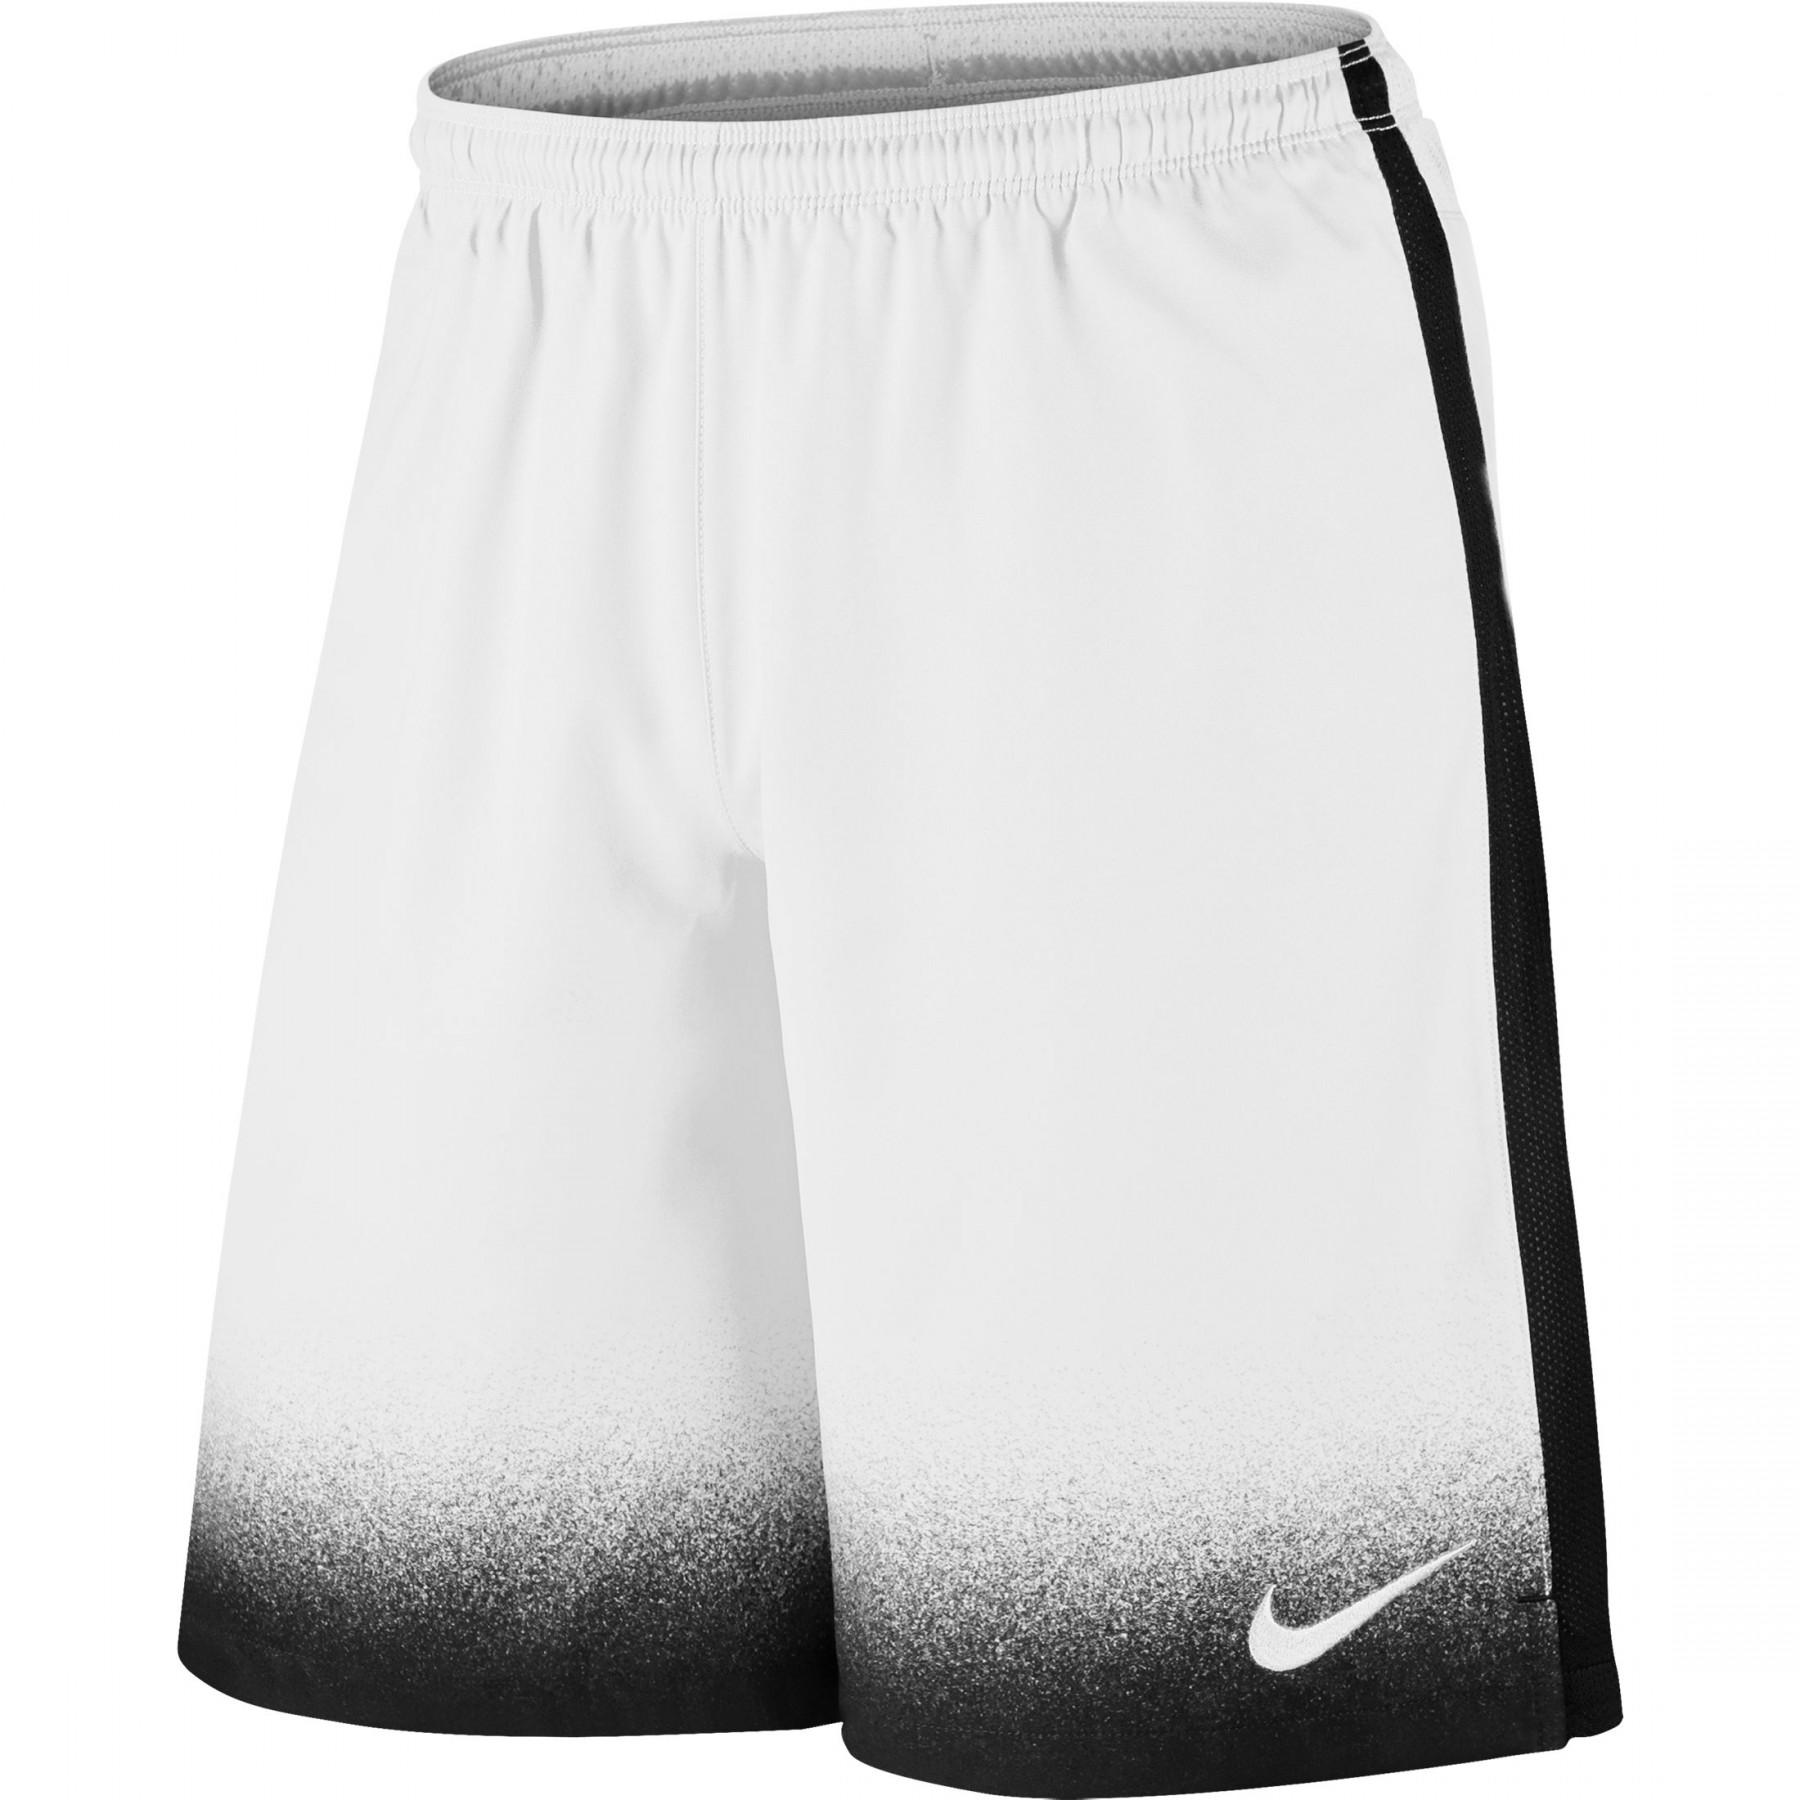 D hiver Doudoune Chapka Vetement Sport Nike Homme Short amp  Pull Z7R8qw 96fb064c234